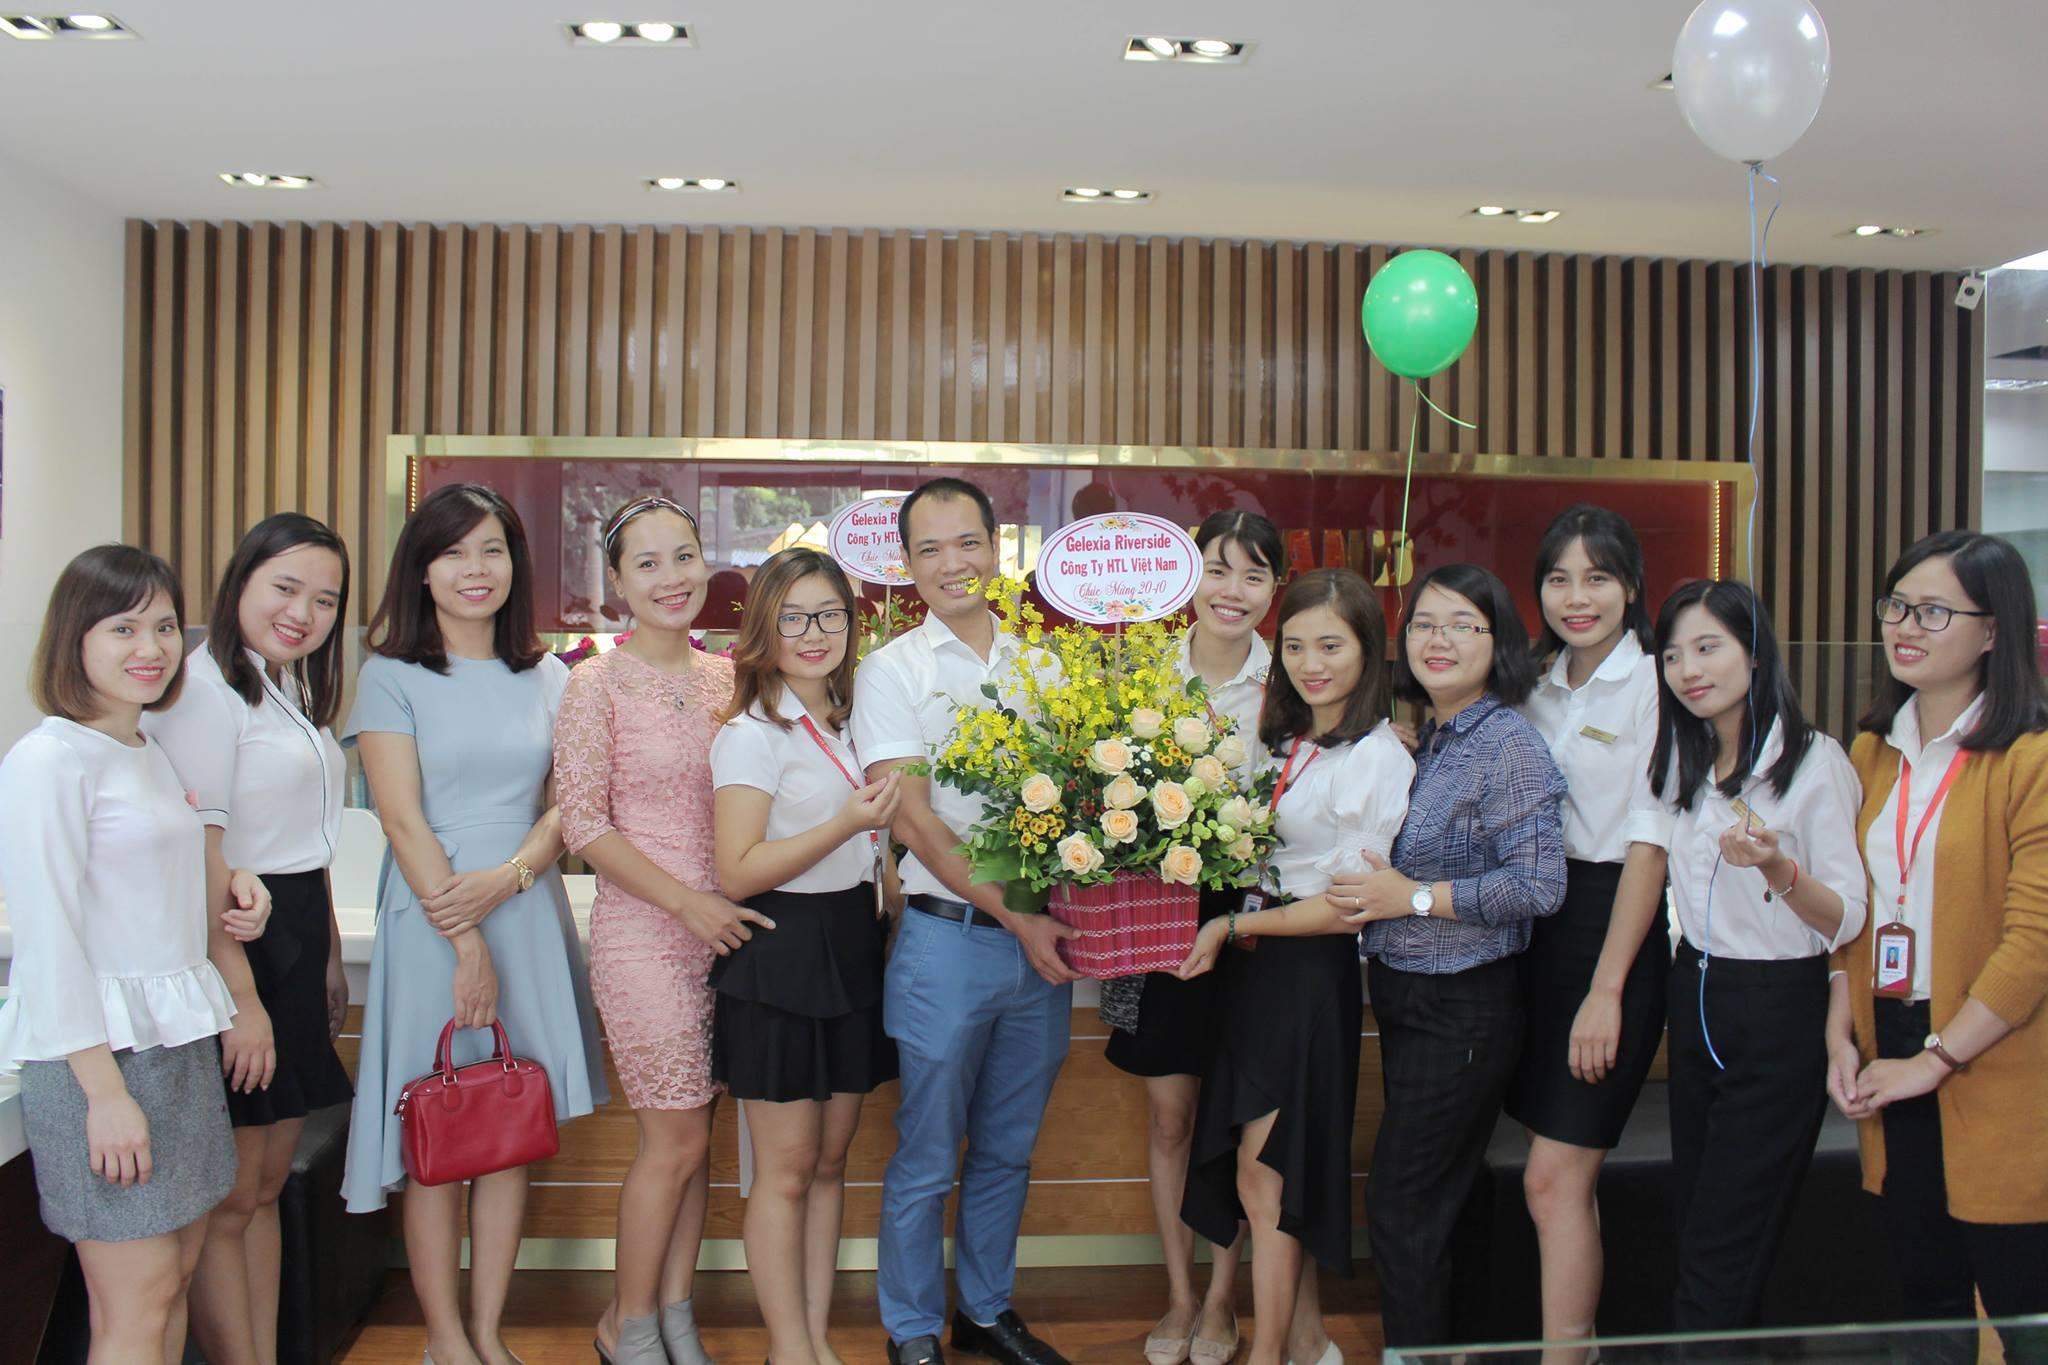 Cũng nhân dịp20/10này, đại diện Công ty Cổ Phần Đầu Tư Xây Dựng Và Kinh Doanh BĐS HTL Việt Nam, trực thuộc Tập đoàn Geleximco đến tặng hoa và chúc mừng.